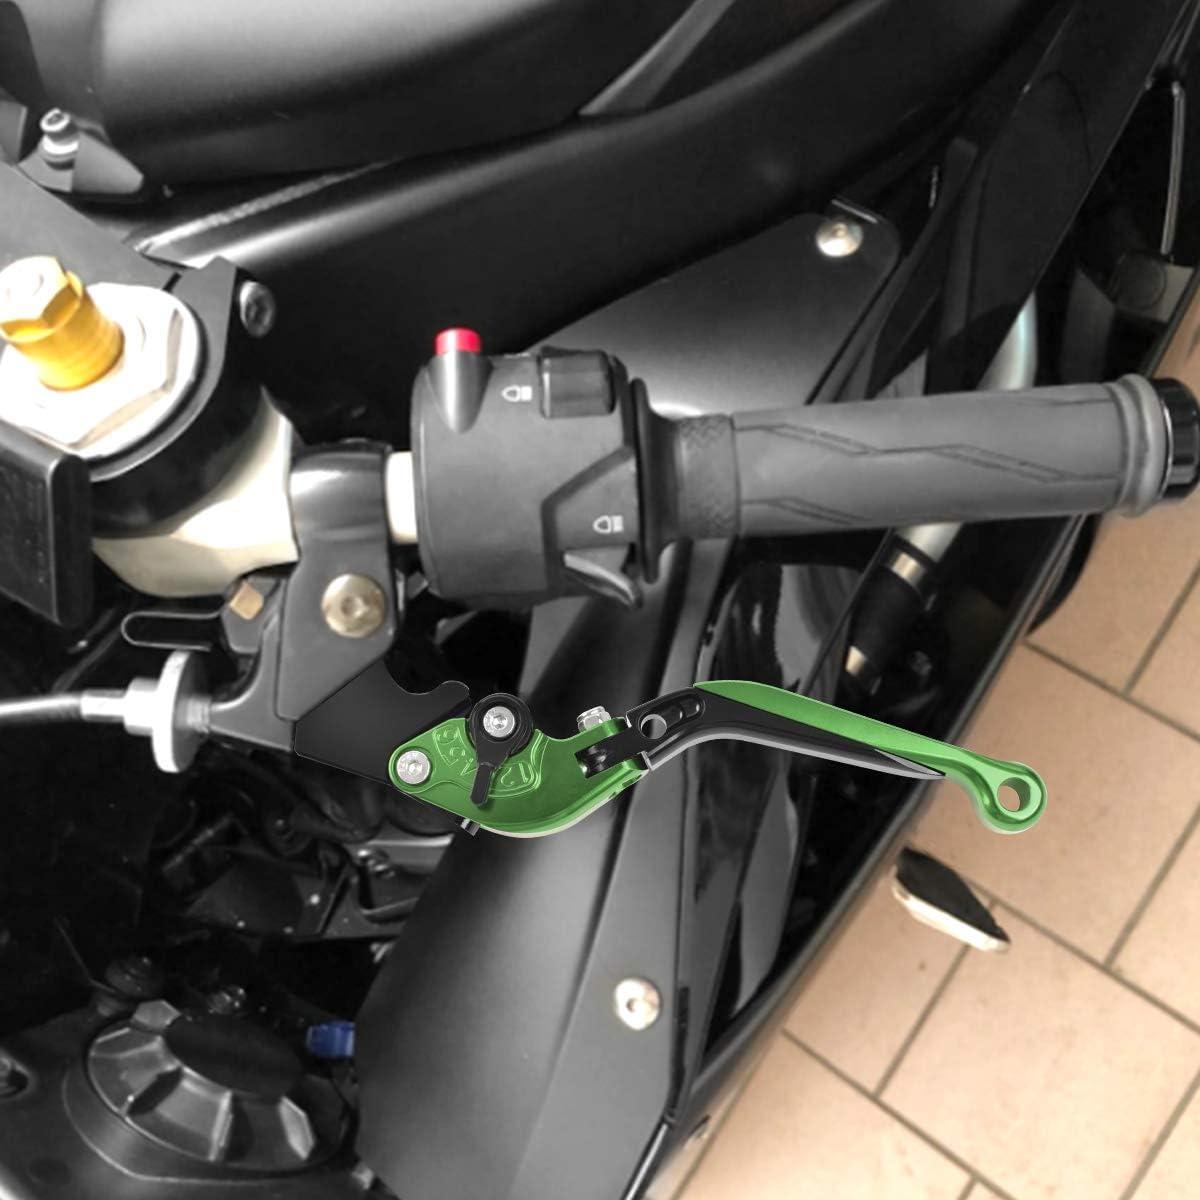 Bremshebel Klappbar Kawasaki Z1000 2007 2016 Z1000sx Ninja 1000 Tourer 2011 2016 Kupplungshebel Skalierbar Cnc Motorrad Hebel Grün Schwarz Auto